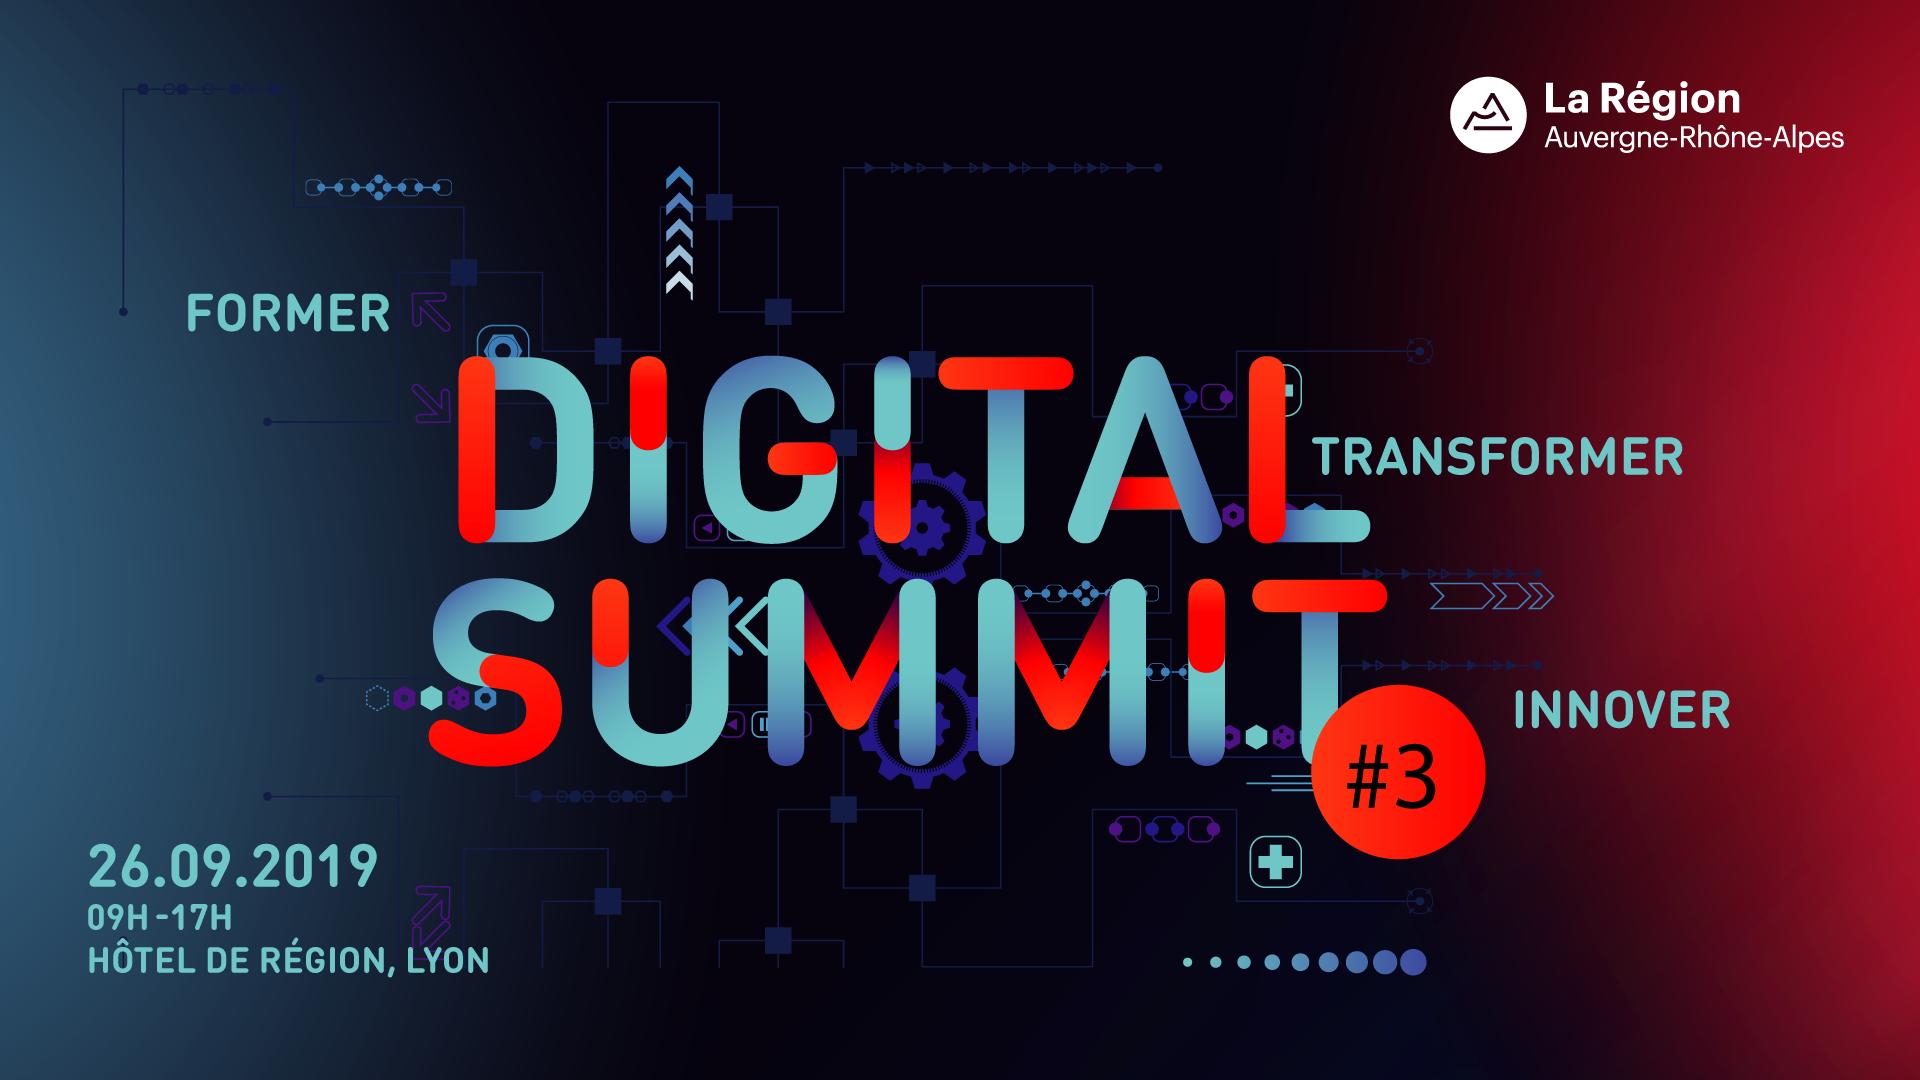 Digital_summit_diapo_1920x1080.png